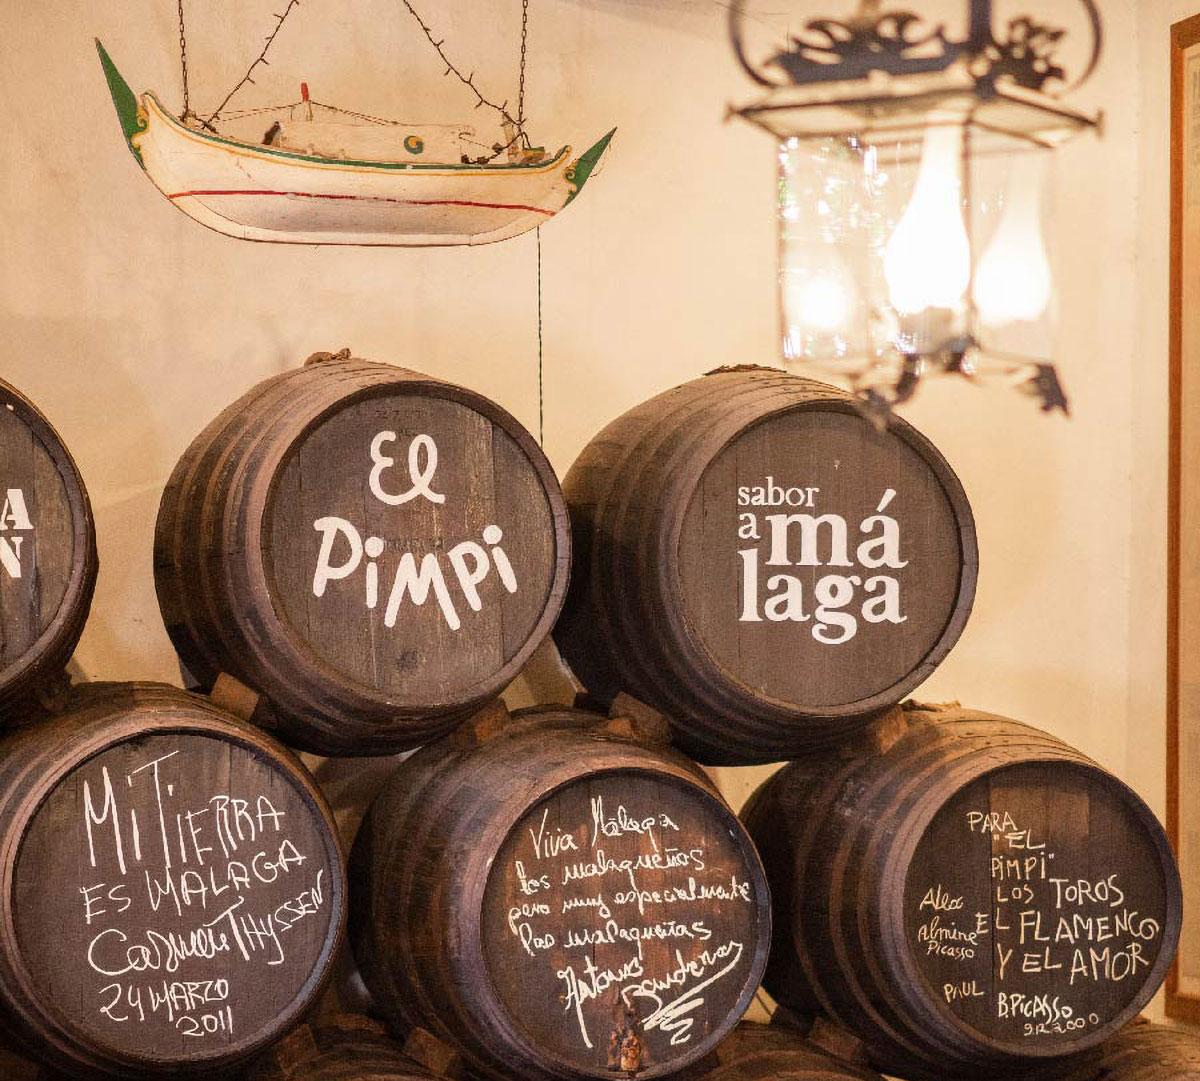 Malaga wine barrels at El Pimpi